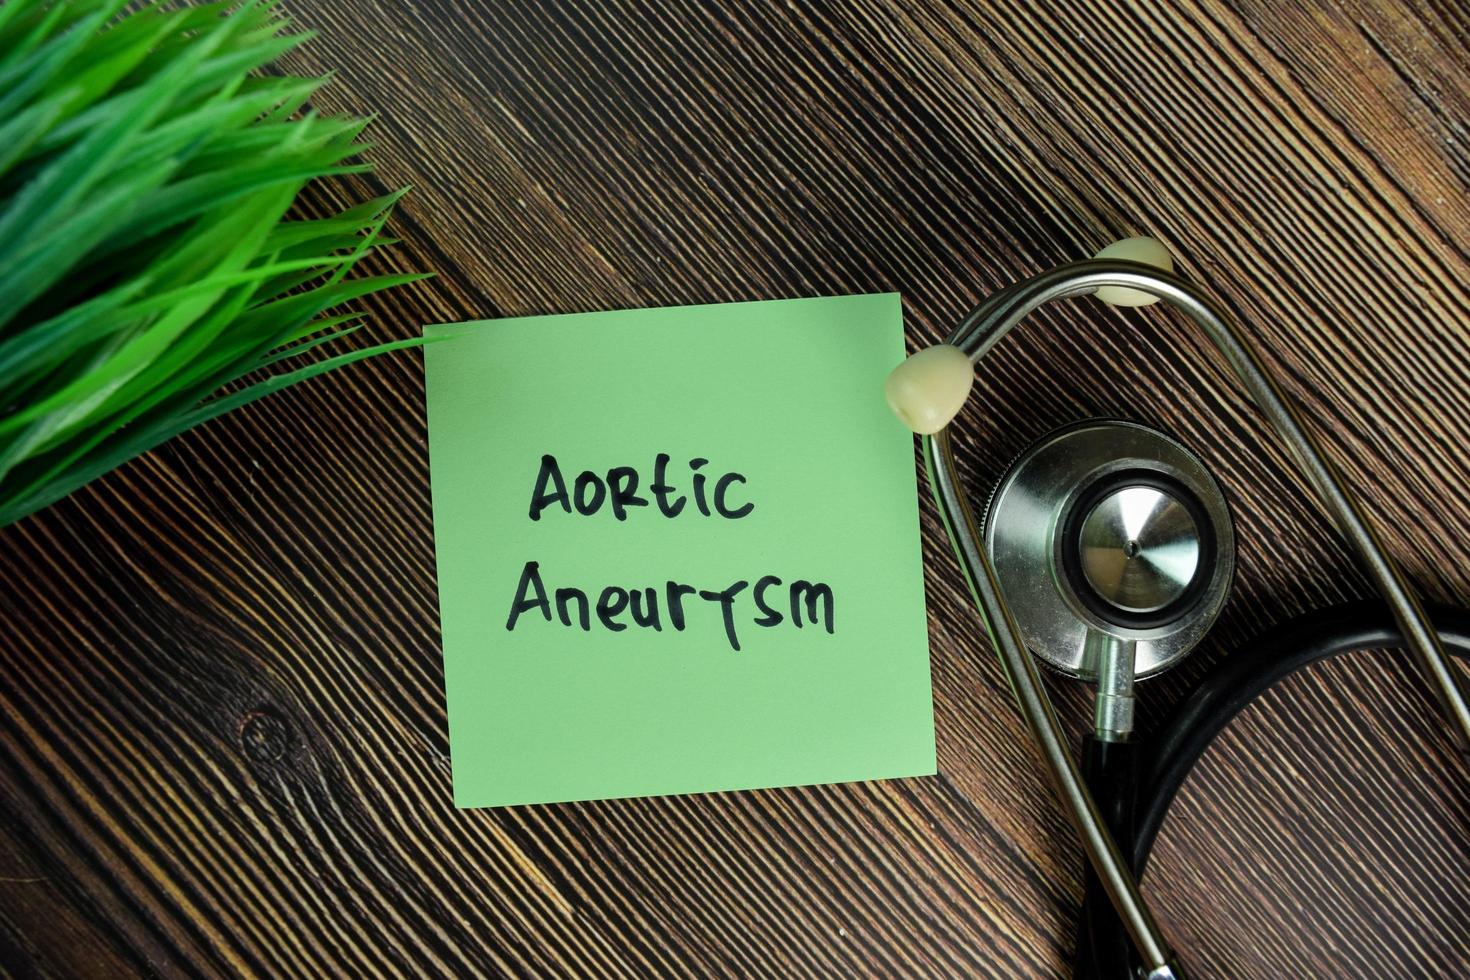 aortaaneurysm skrivet på fästis isolerad på träbord foto